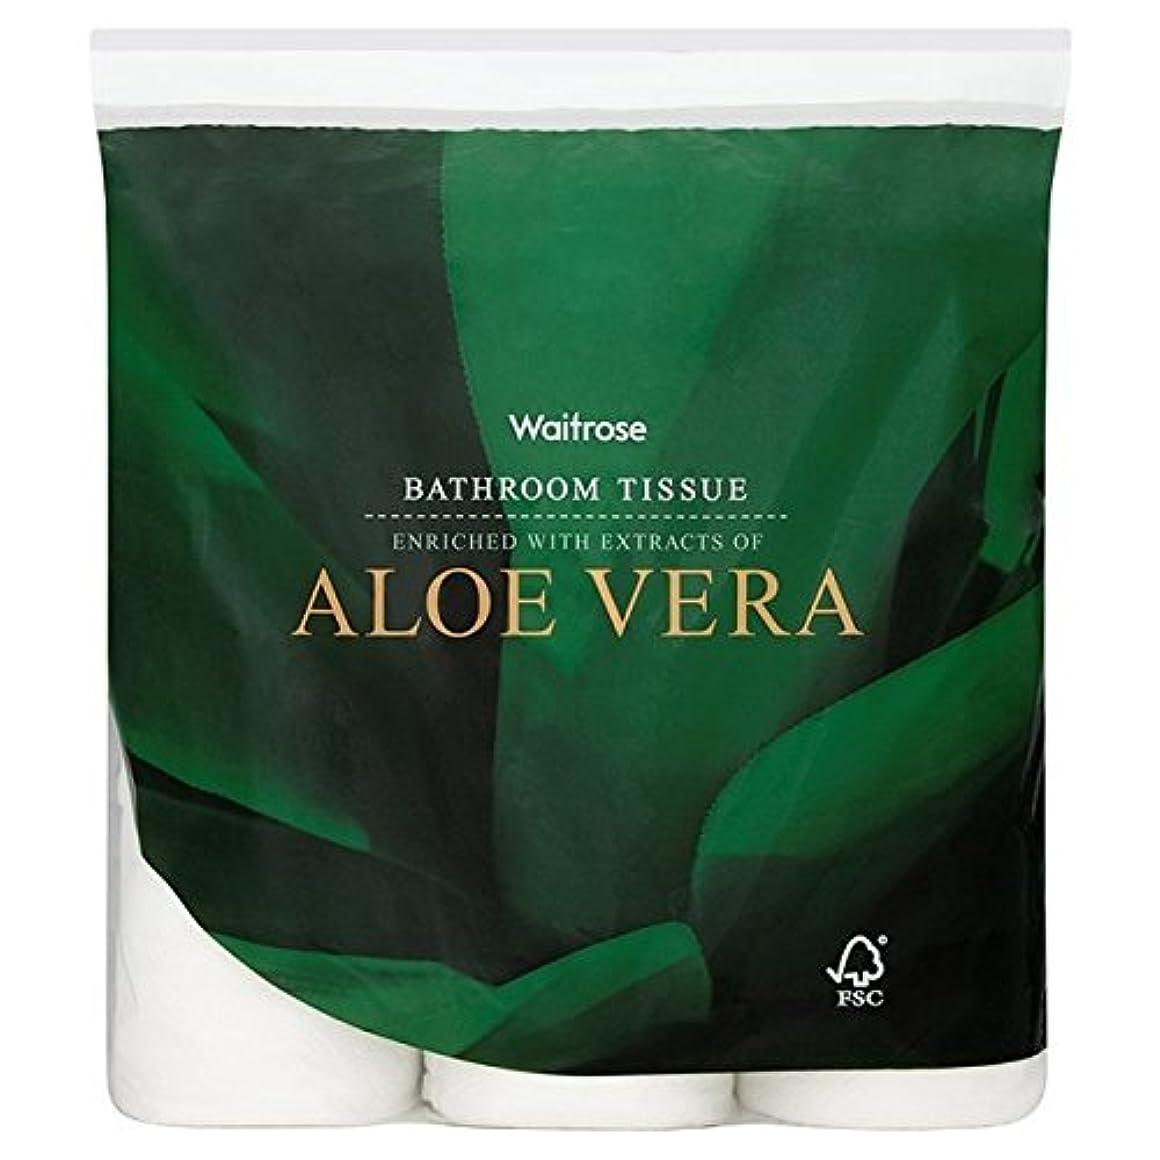 直面する再生ぼんやりしたパックあたりアロエベラ浴室組織白ウェイトローズ9 x4 - Aloe Vera Bathroom Tissue White Waitrose 9 per pack (Pack of 4) [並行輸入品]